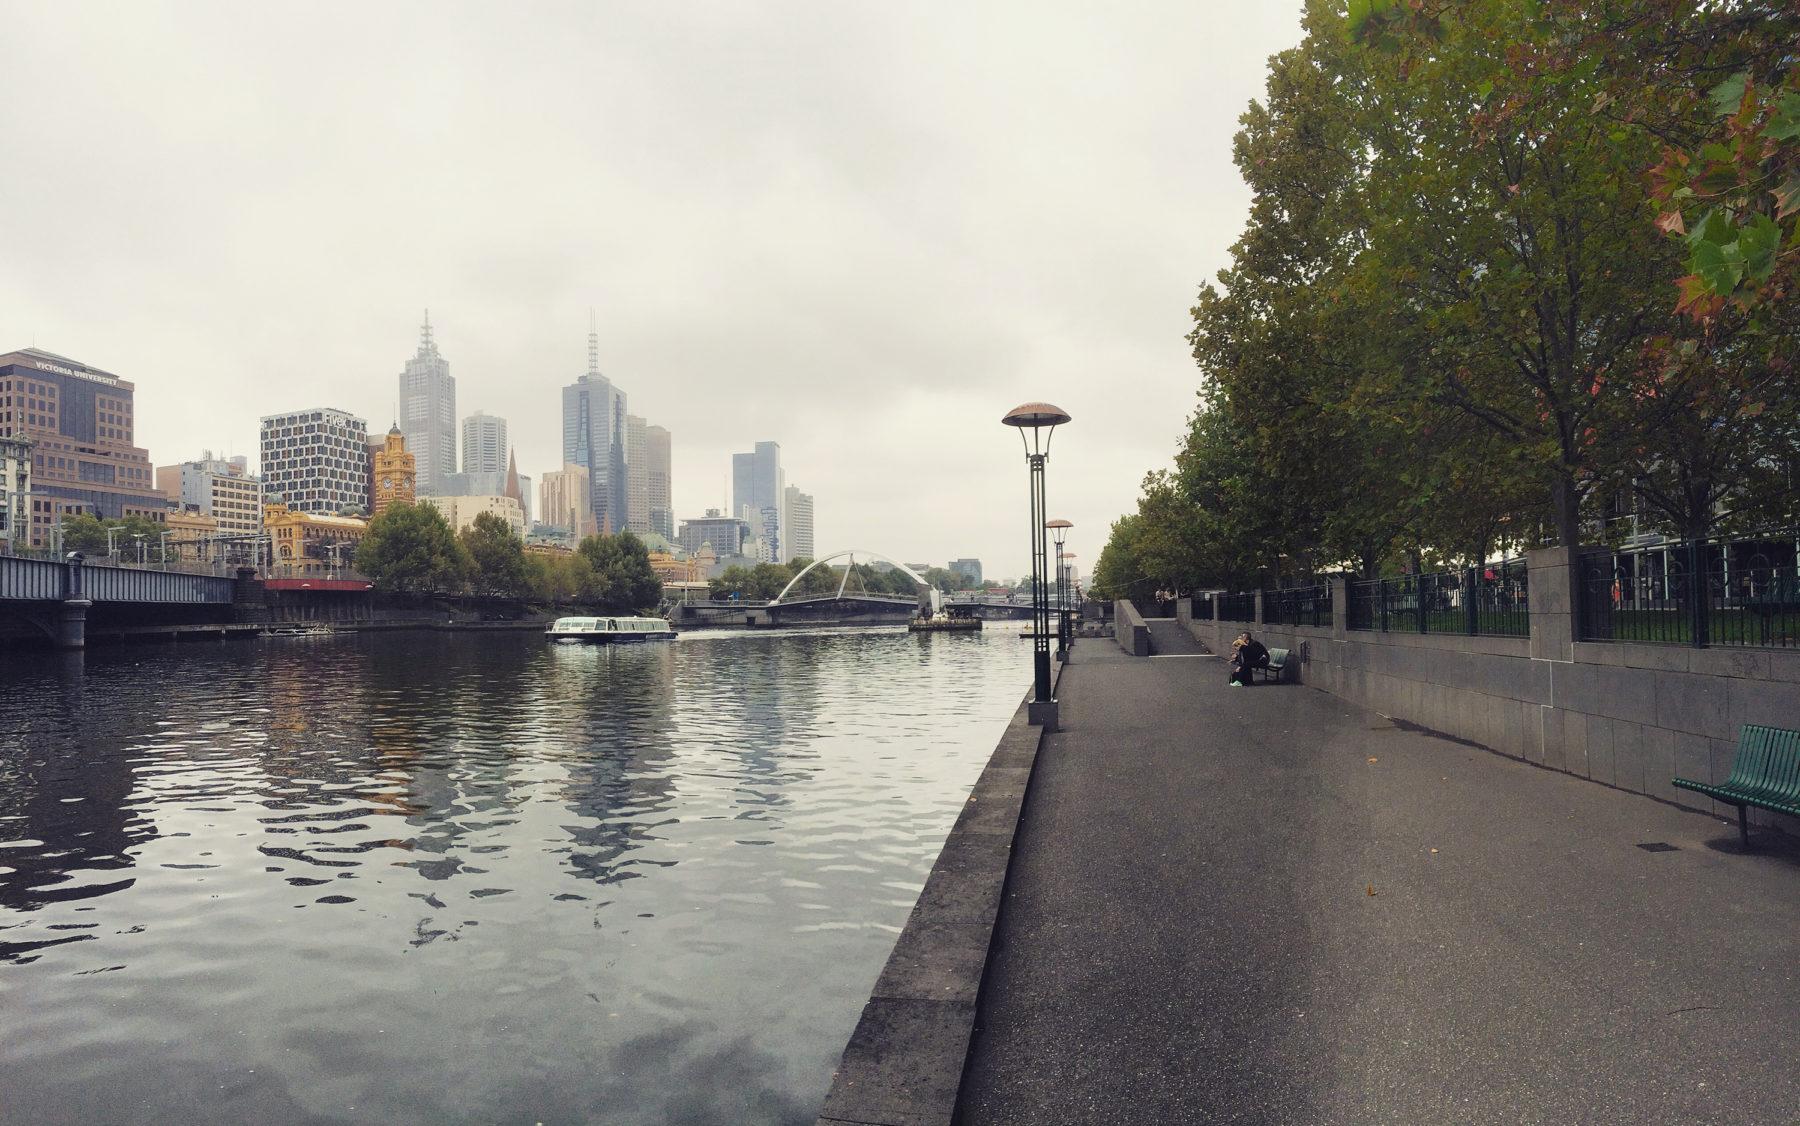 Melbourne Yarra River -- Victoria, Australia